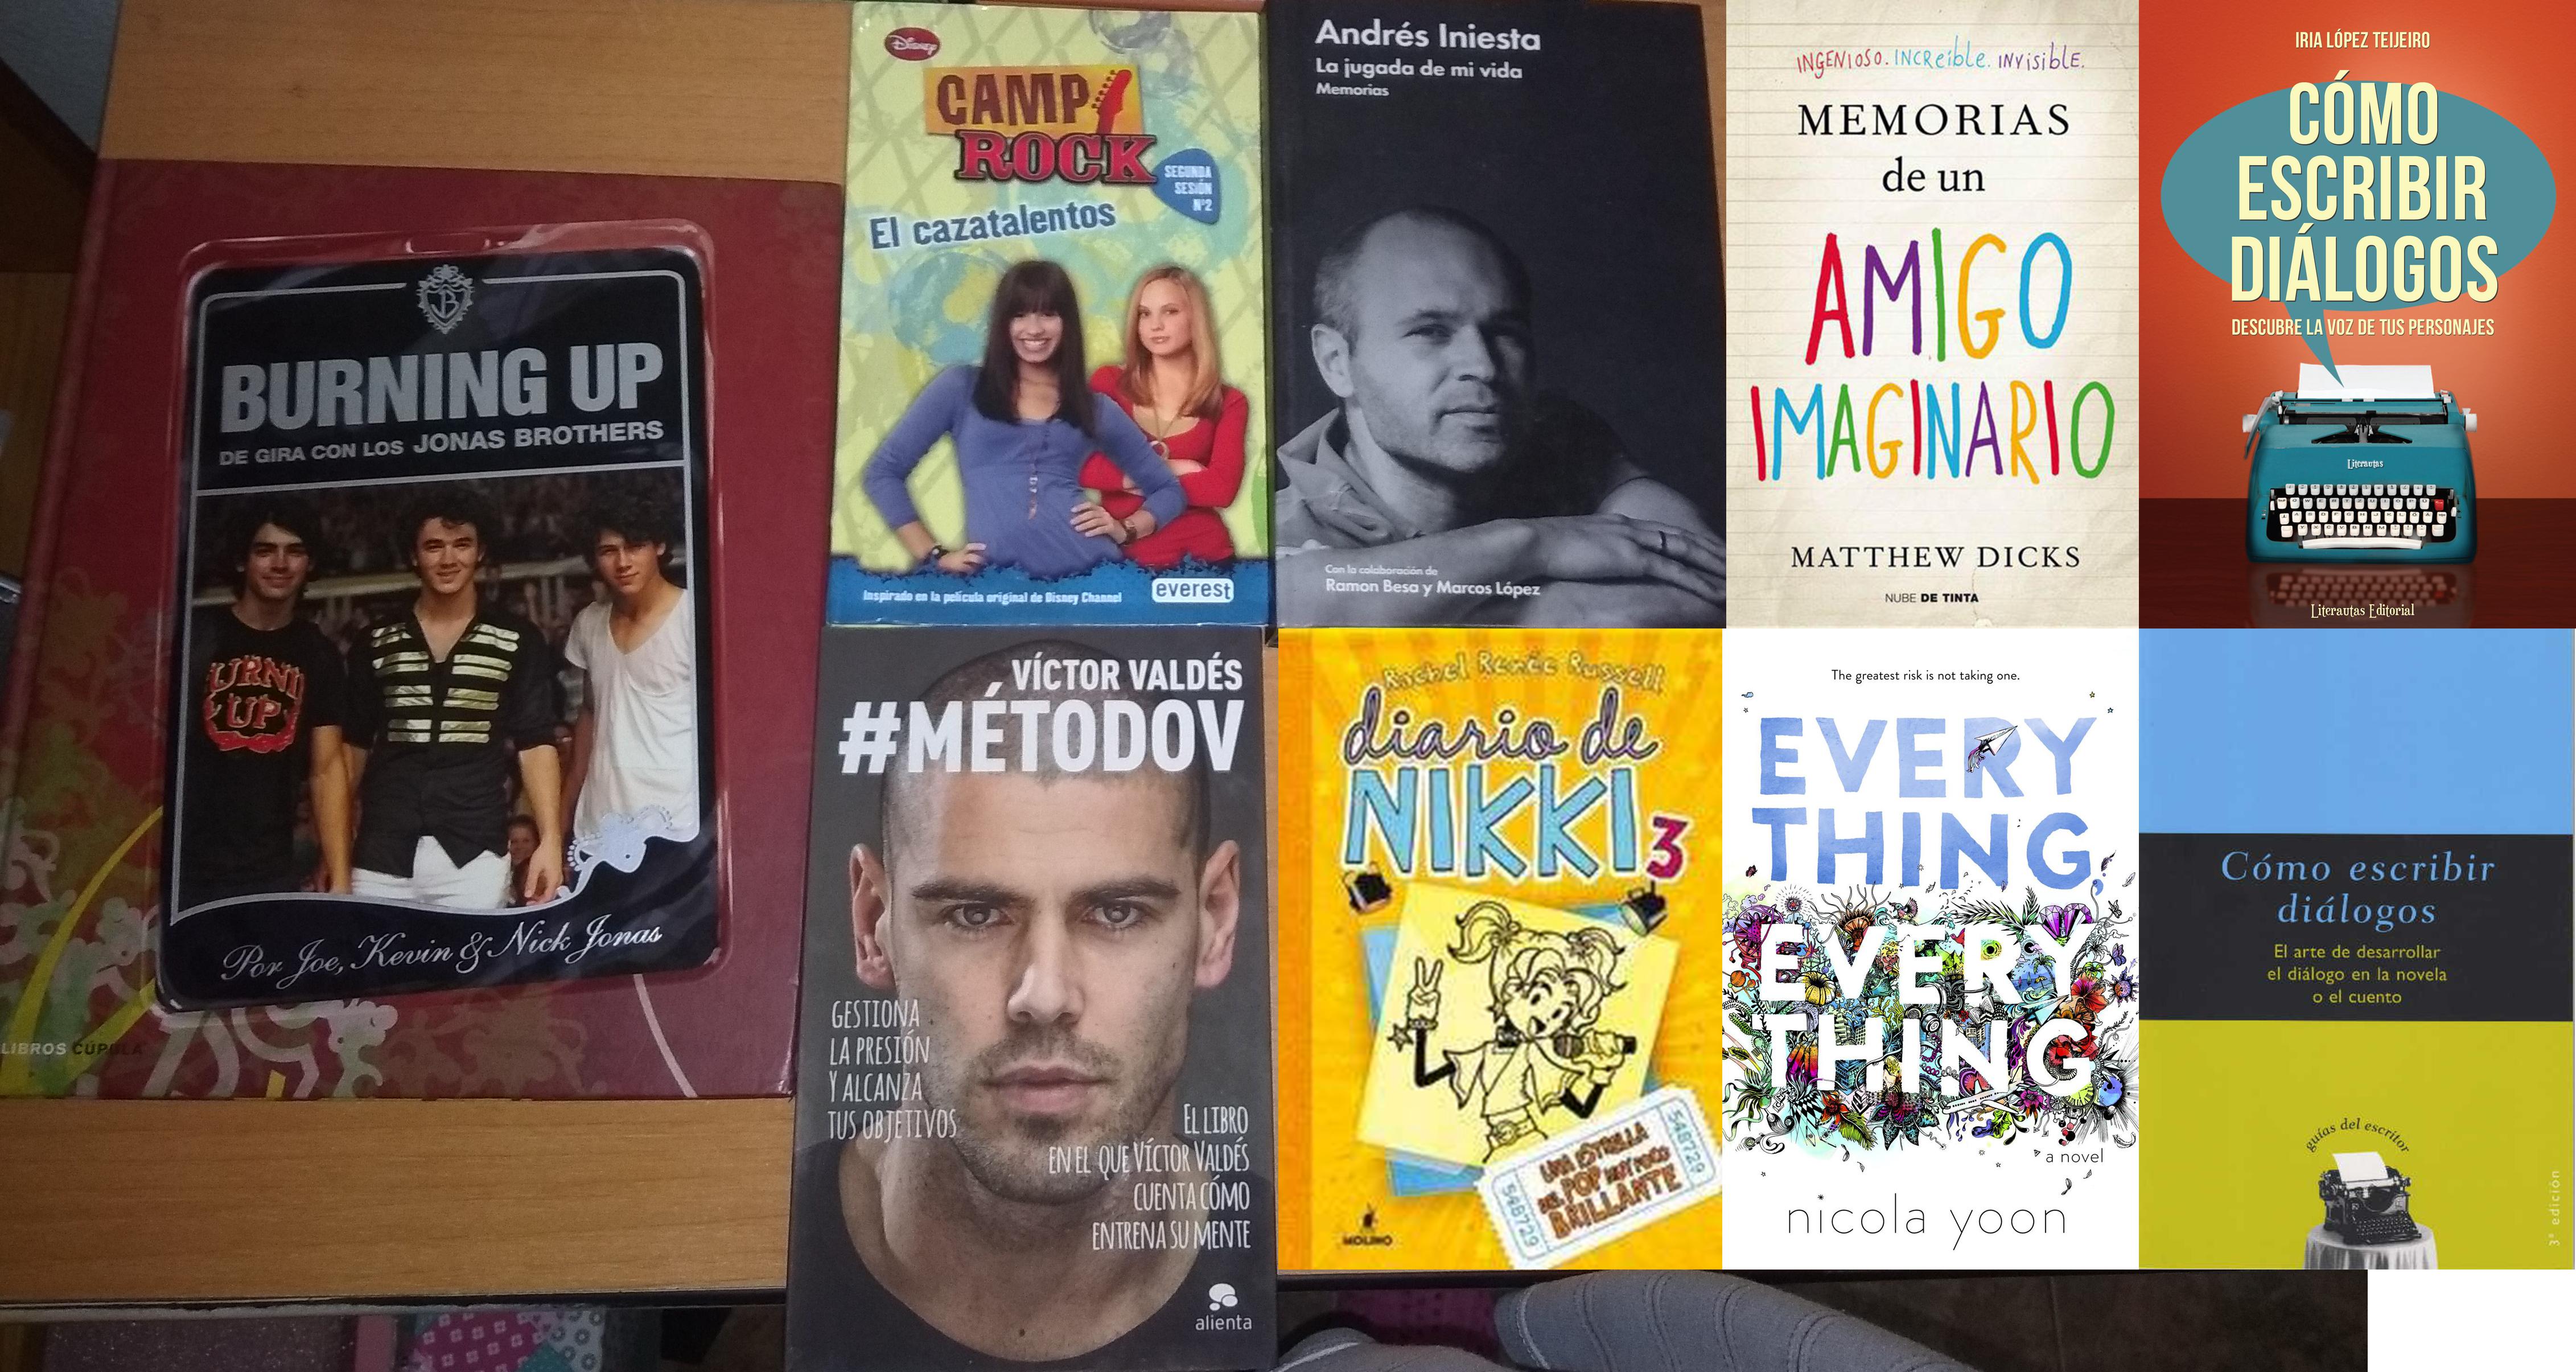 Mis libros a medio leer